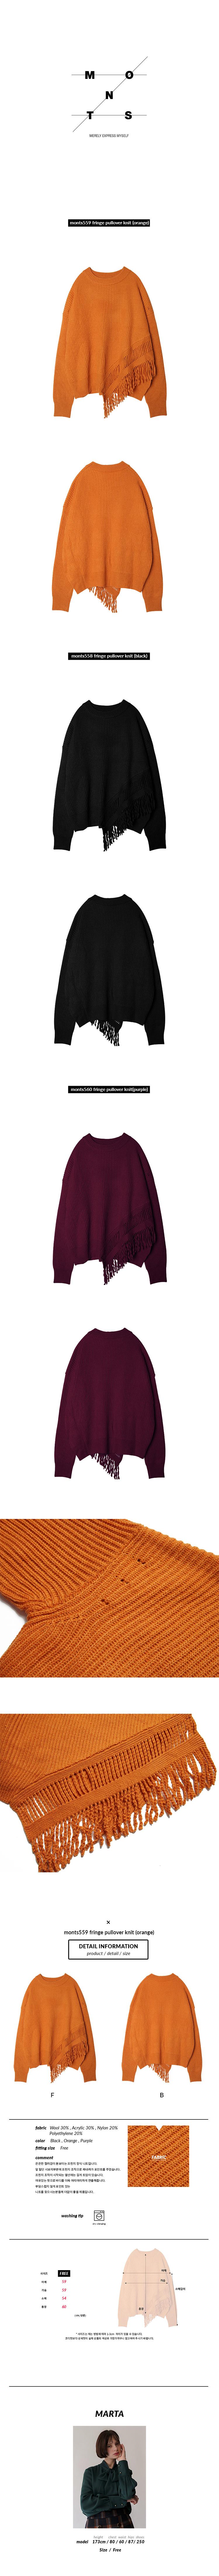 몬츠(MONTS) monts559 fringe pullover orange knit